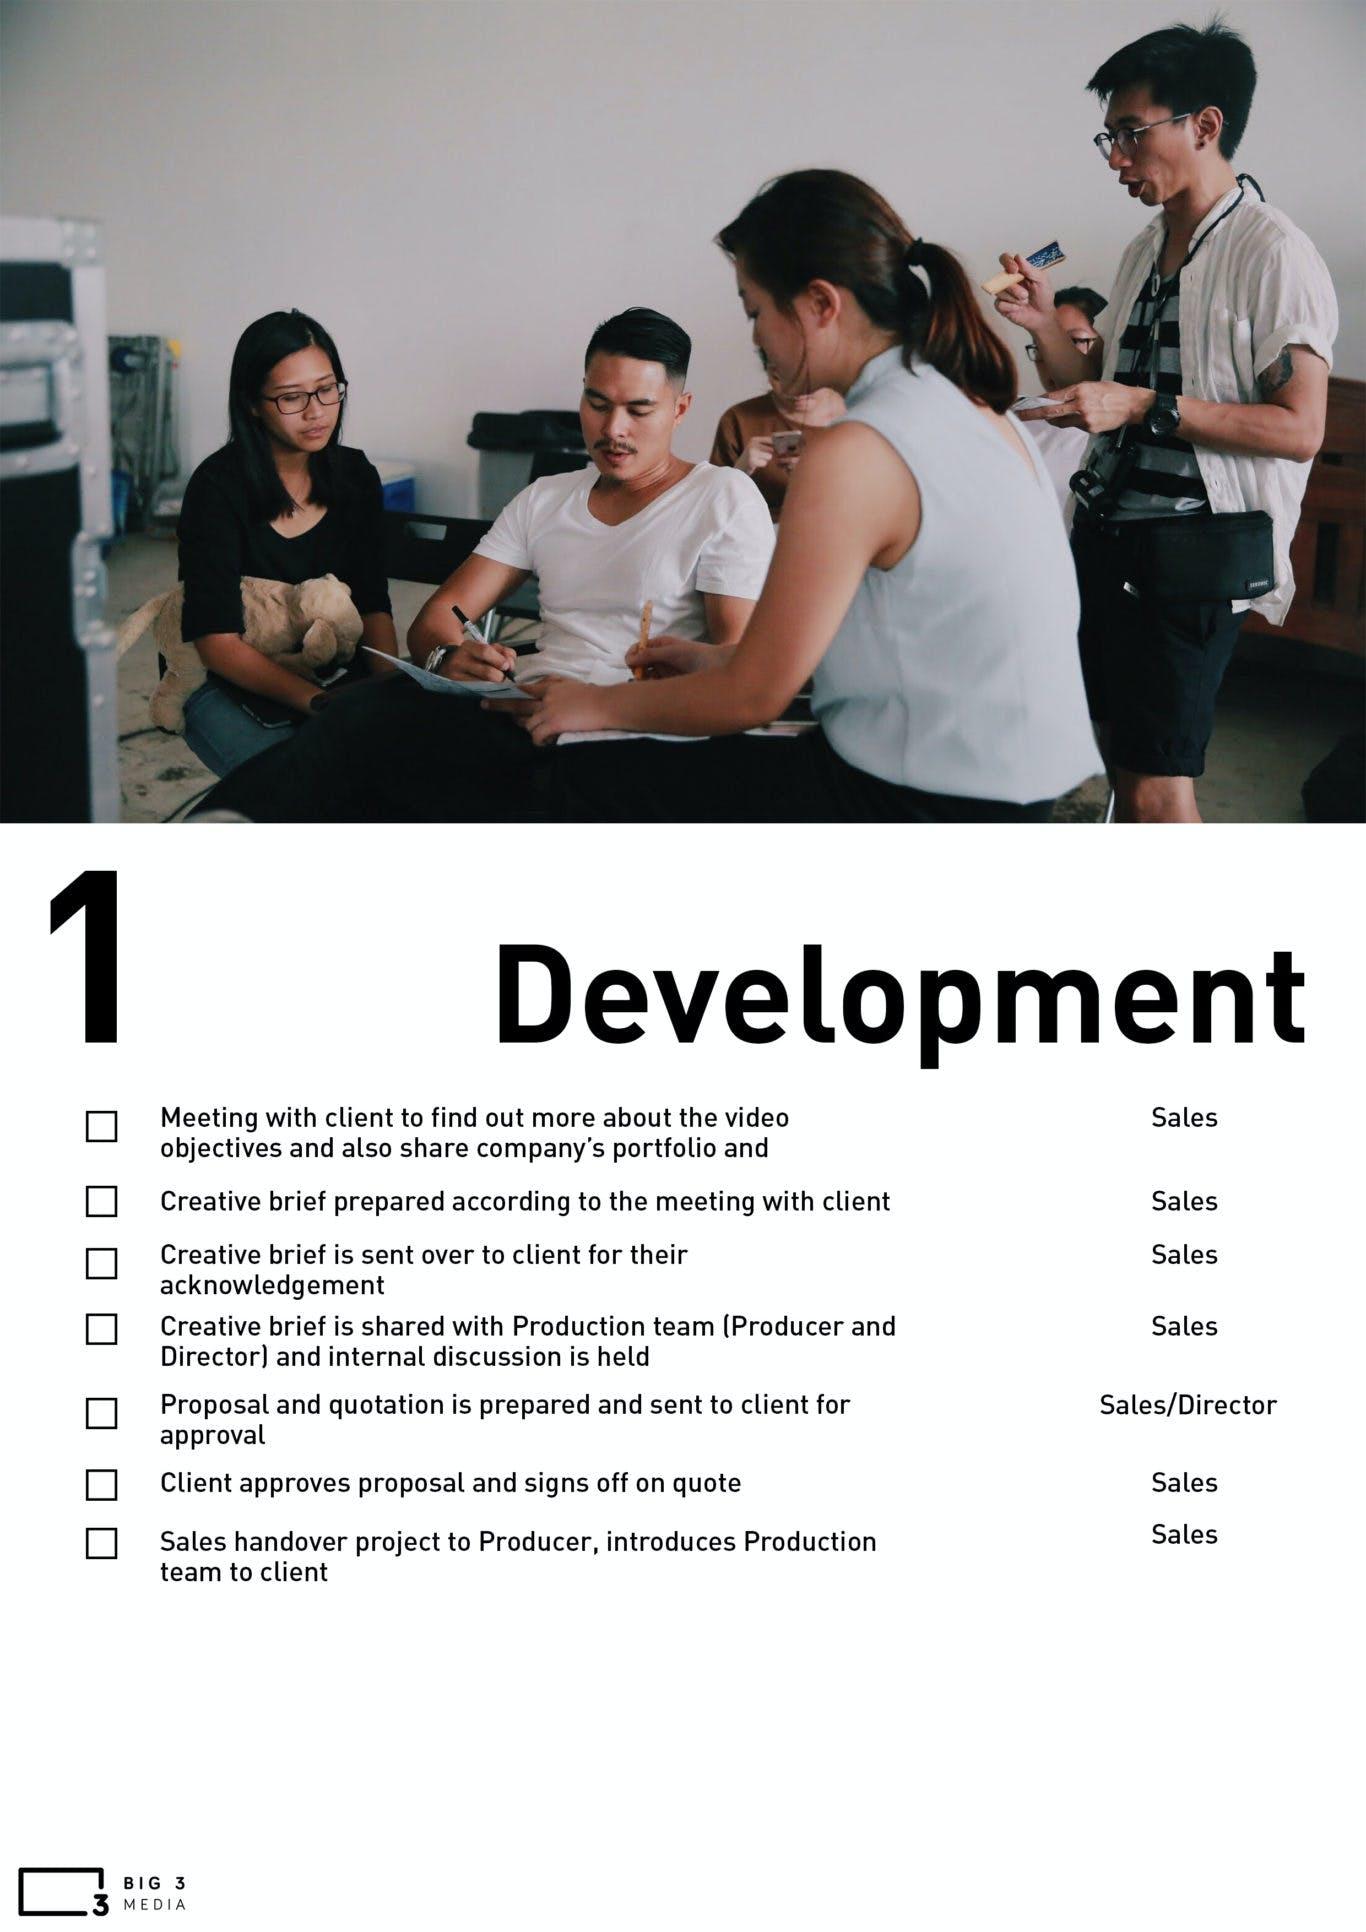 Checklist of development